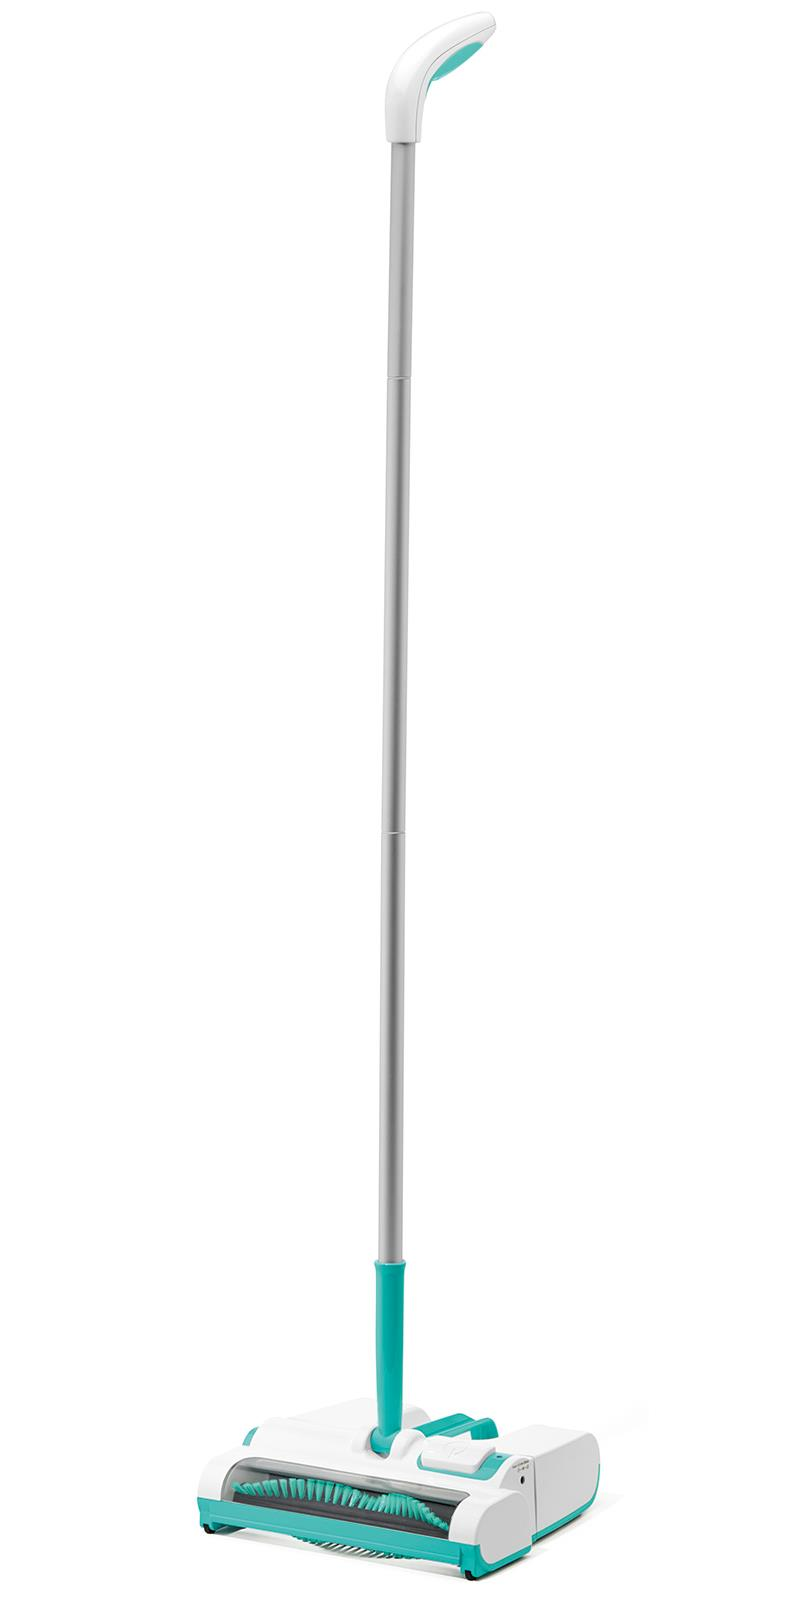 Akkubesen Design SABD 3.7 LI D3 Elektrischer Kehrbesen Bodenkehrer *B-Ware